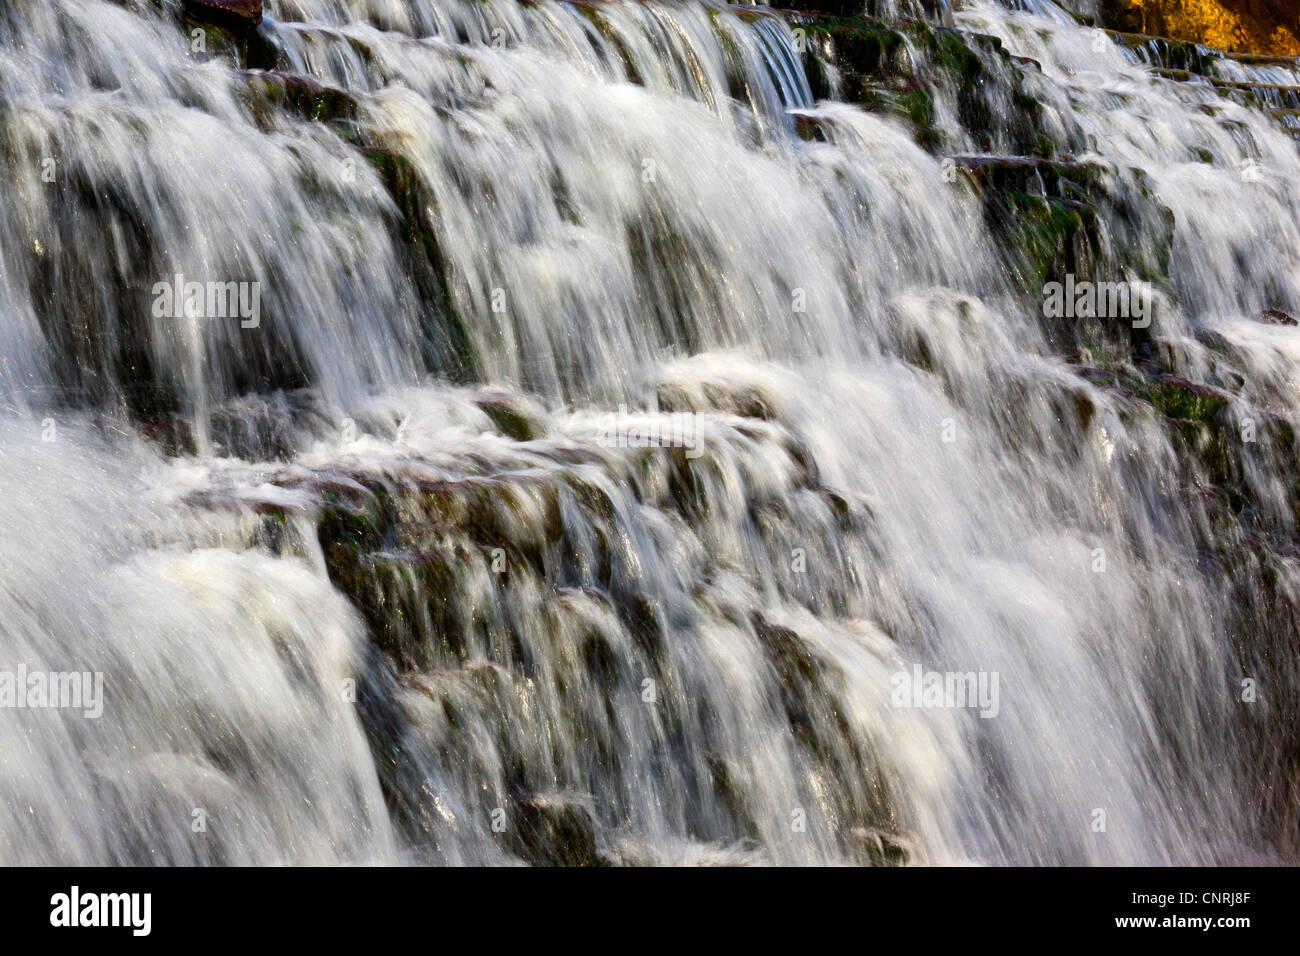 Waterfall close up Photo Stock